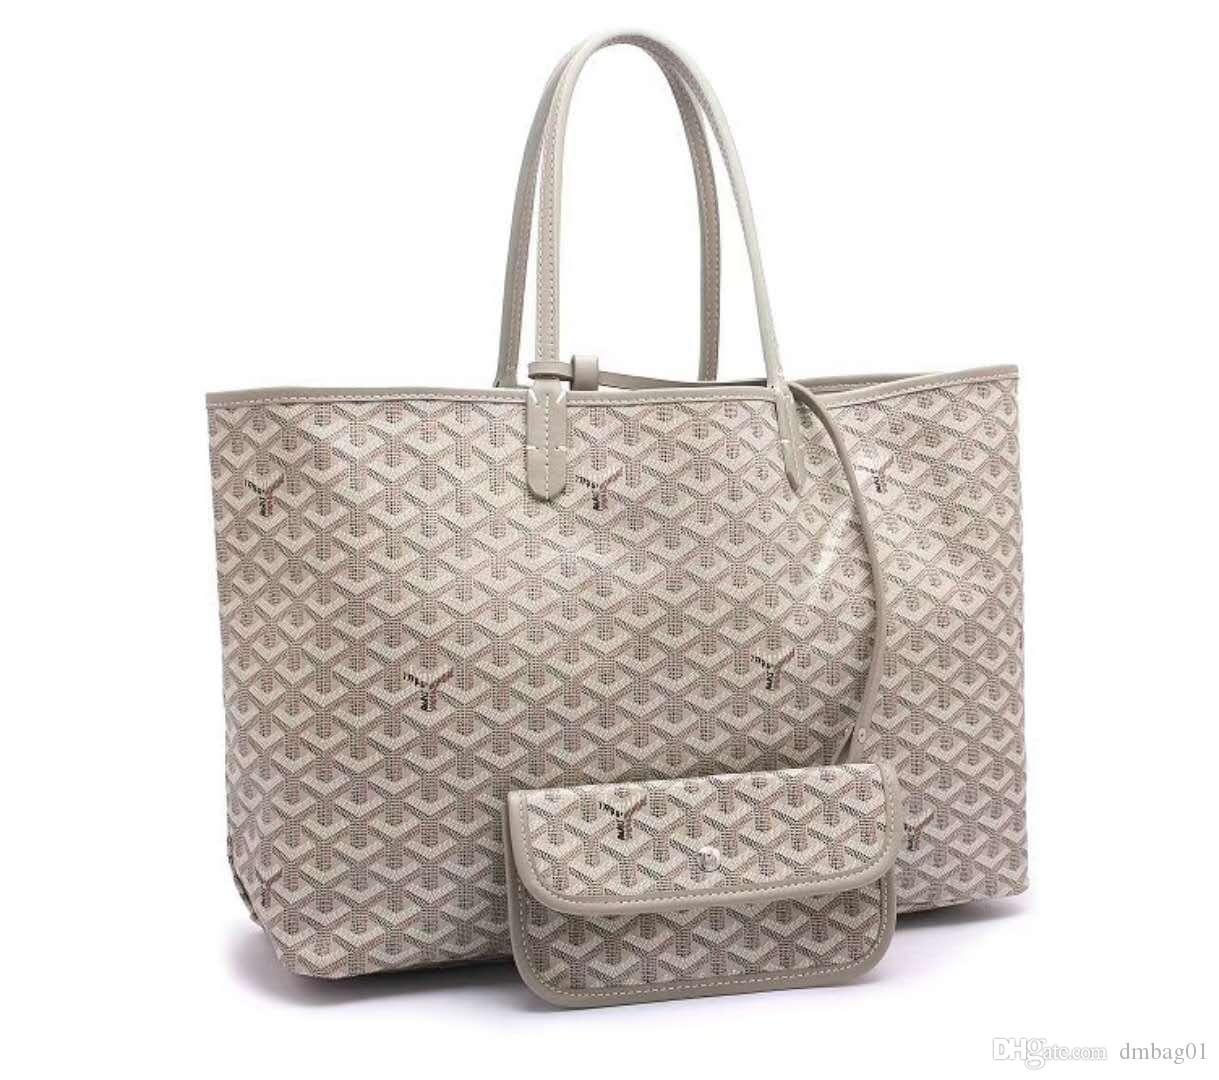 Rosa Sugao luxo designer bolsas bolsas mulheres sacola genuína qualidade superior couro do saco de bolsas de shoudler mulheres bolsas 2pcs / set